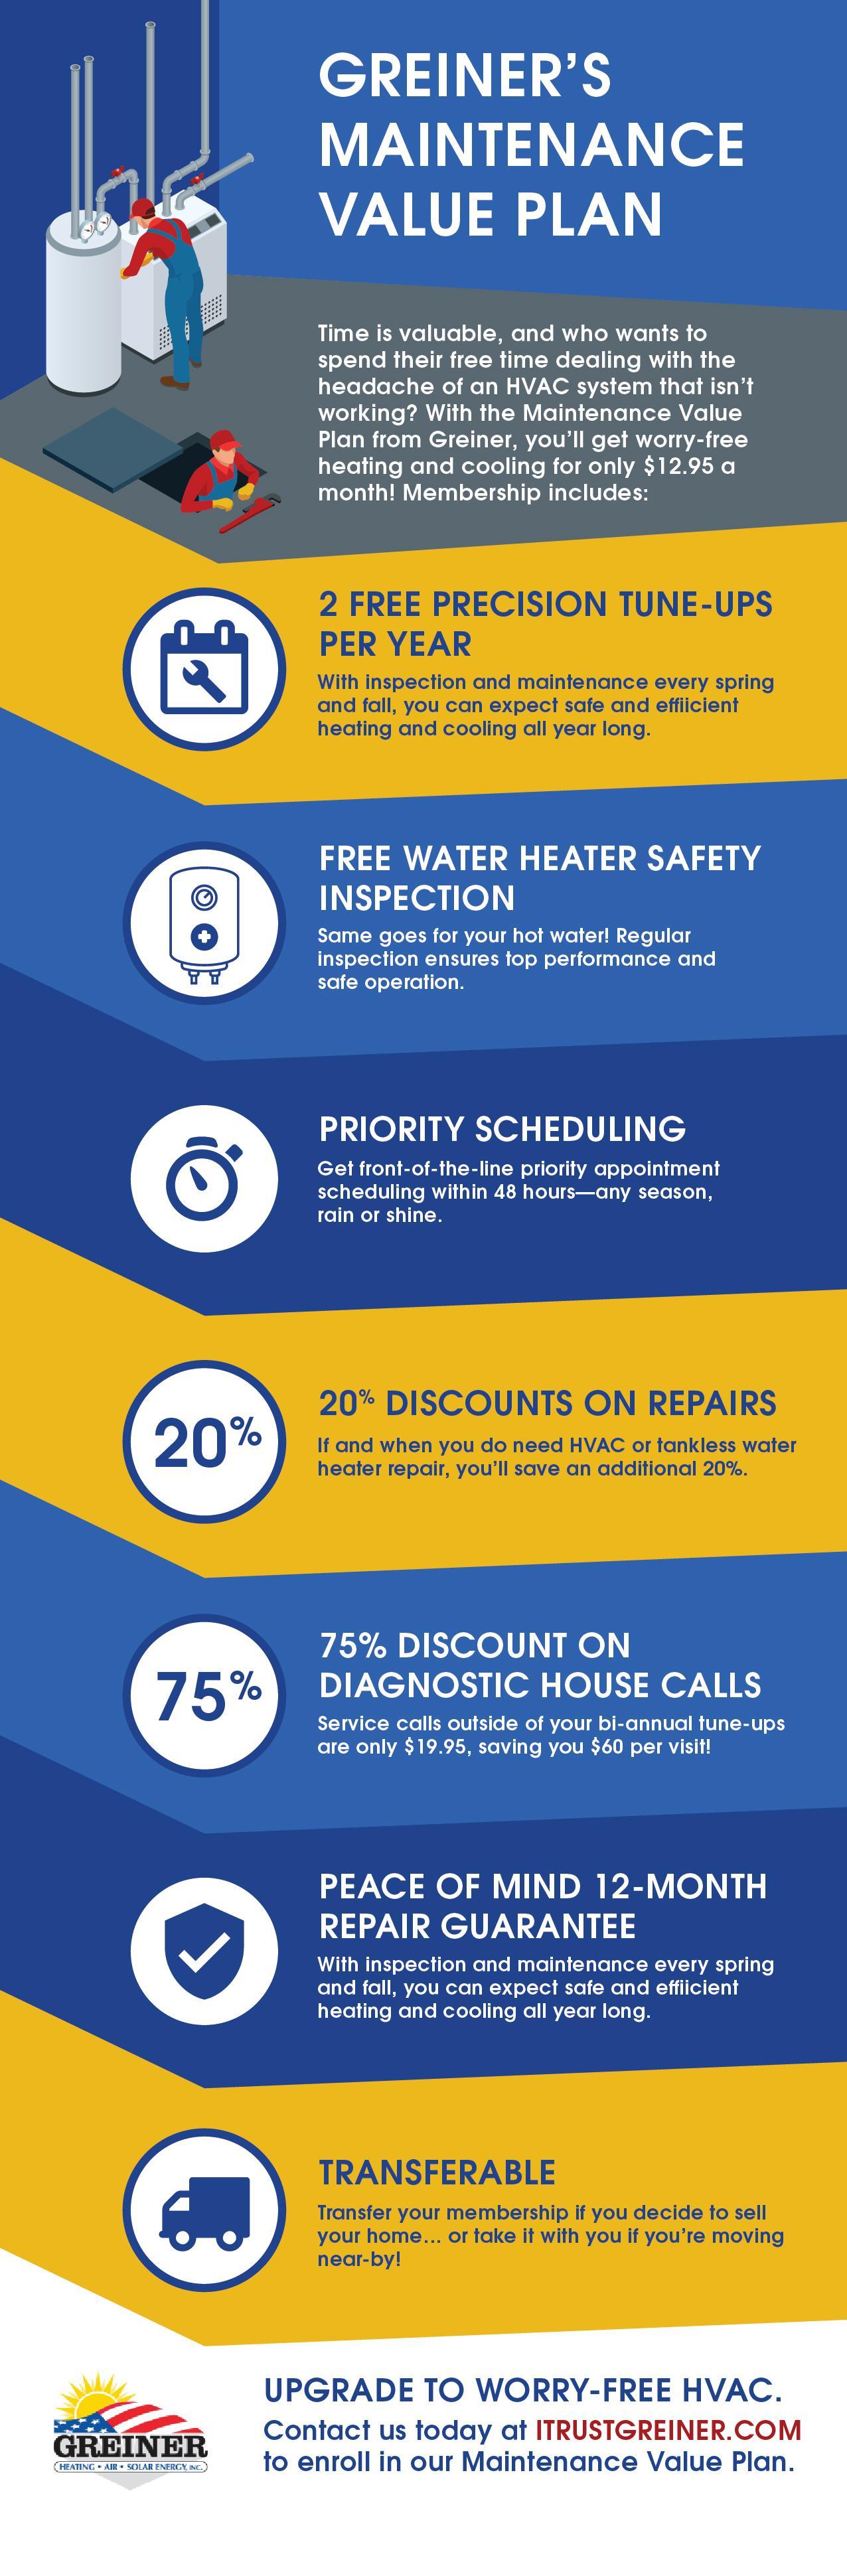 maintenance value plan greiner infographic